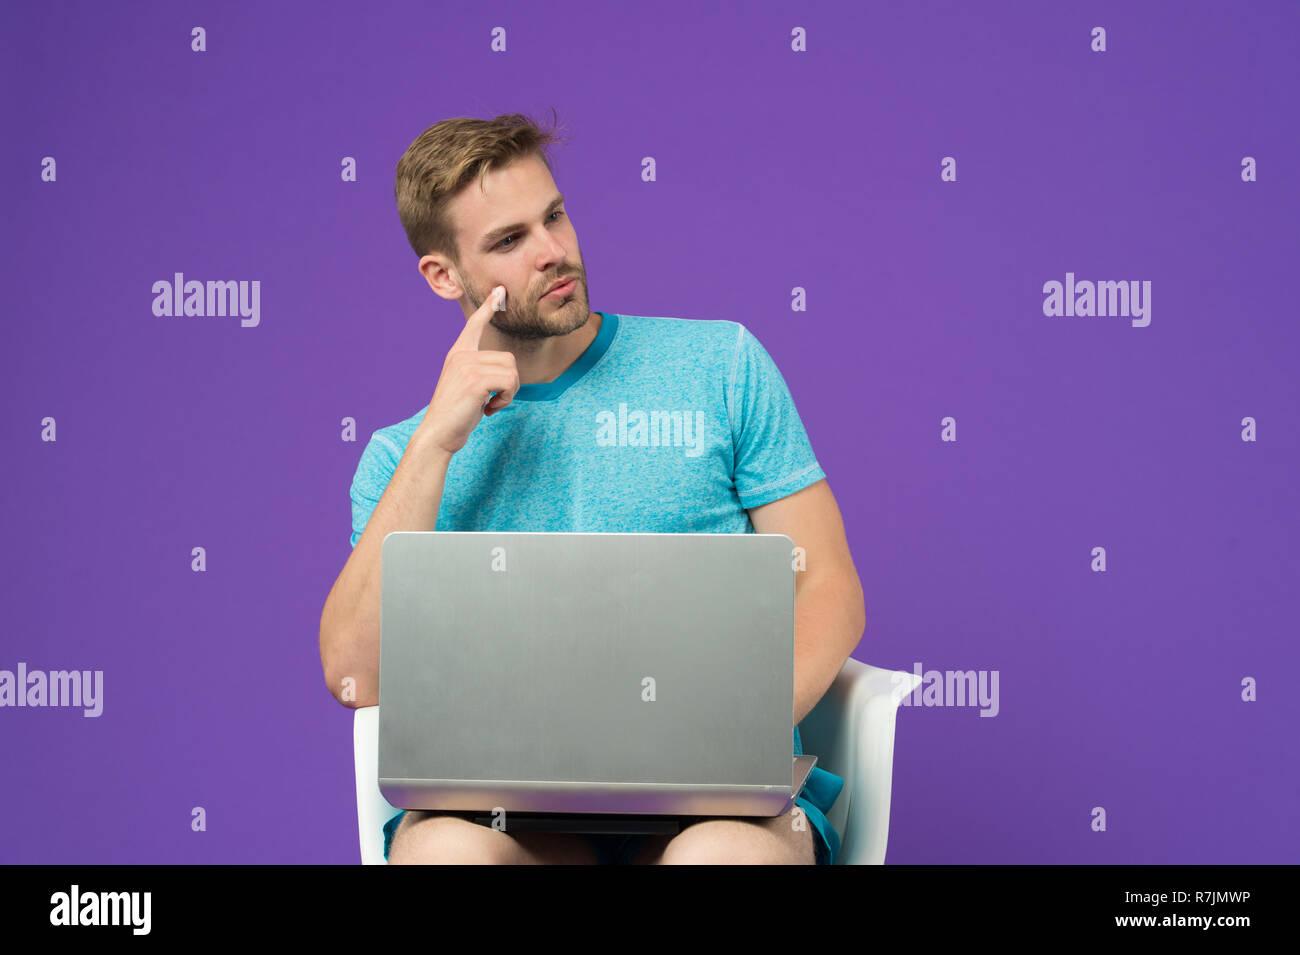 Le monde entier en une seule touche. Homme surf internet sur ordinateur portable. Guy en ligne. Tirer parti des achats en ligne. L'accès gratuit à internet. Homme avec un ordinateur portable moderne surf internet. Les technologies modernes. Photo Stock